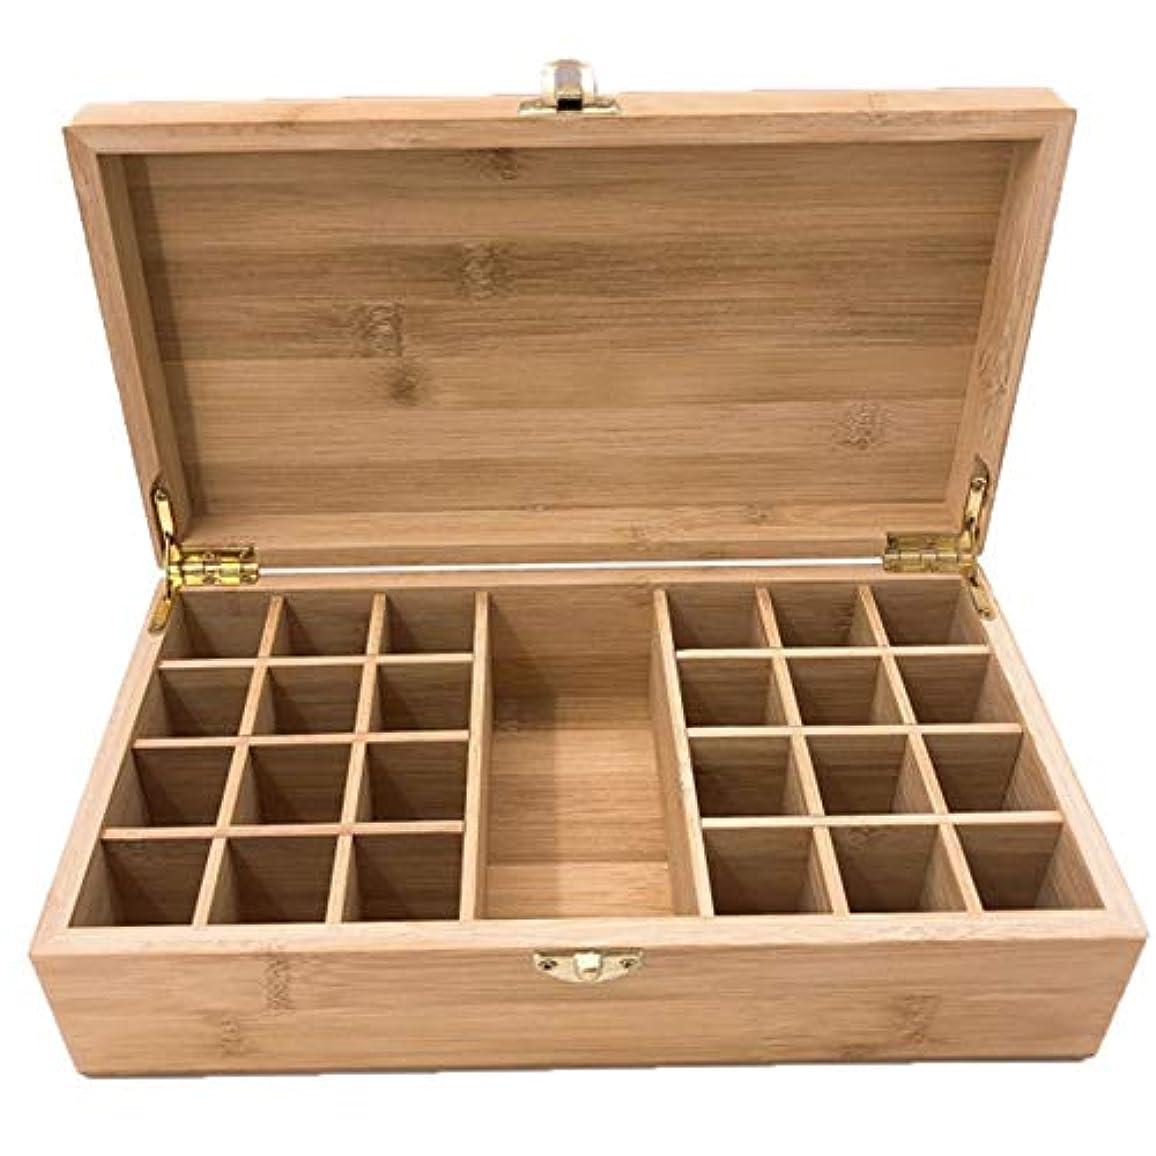 思われる野な影響エッセンシャルオイルストレージボックス エッセンシャルオイルストレージボックスケース木製の主催者は25本のキャリングセーフボトルやホームストレージの表示を保持します 旅行およびプレゼンテーション用 (色 : Natural, サイズ : 27.5X15X8.3CM)